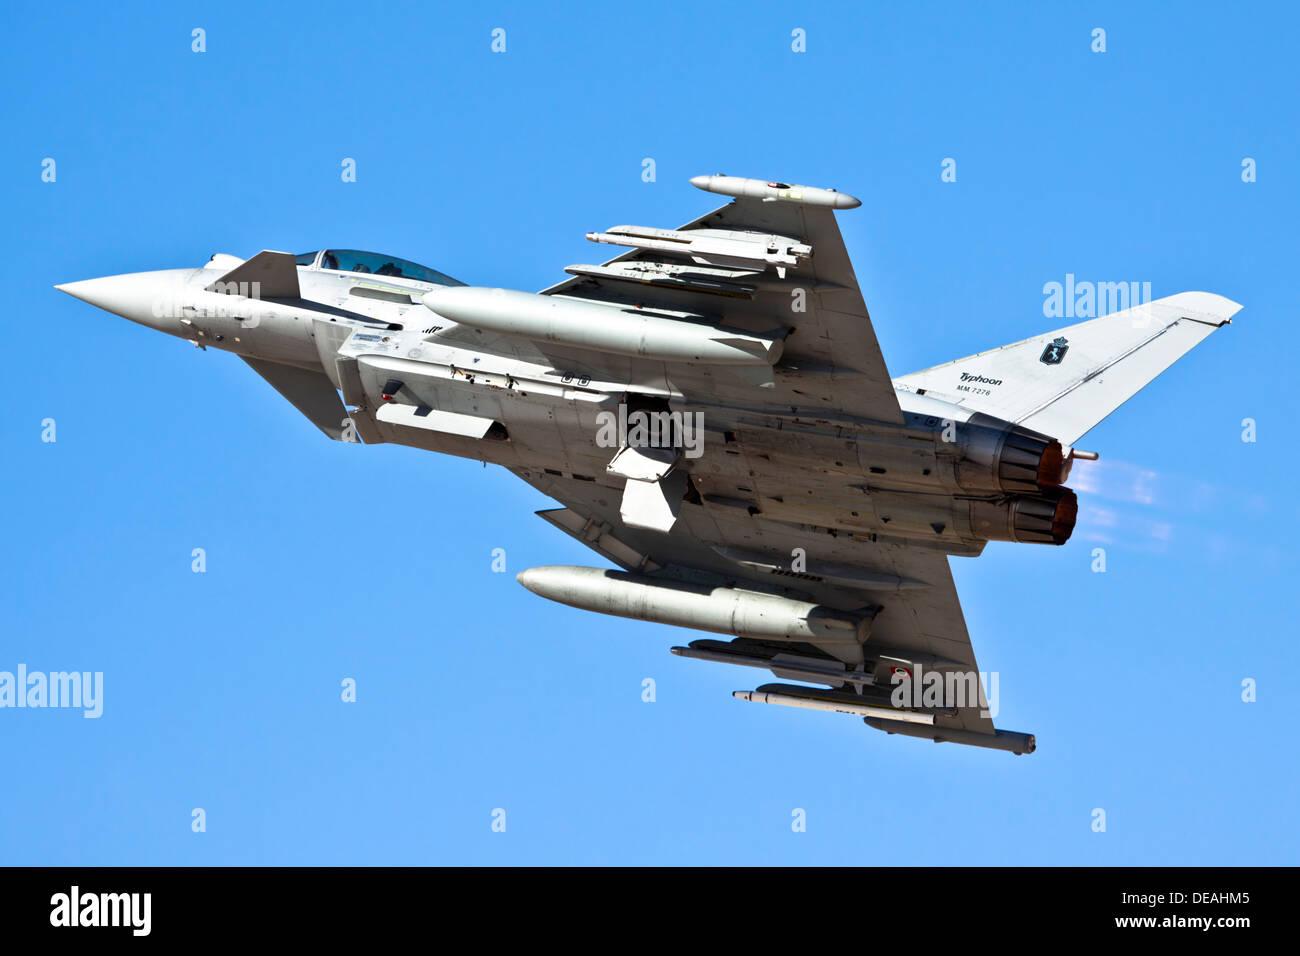 Italian Air force Eurofighter Typhoon in flight - Stock Image